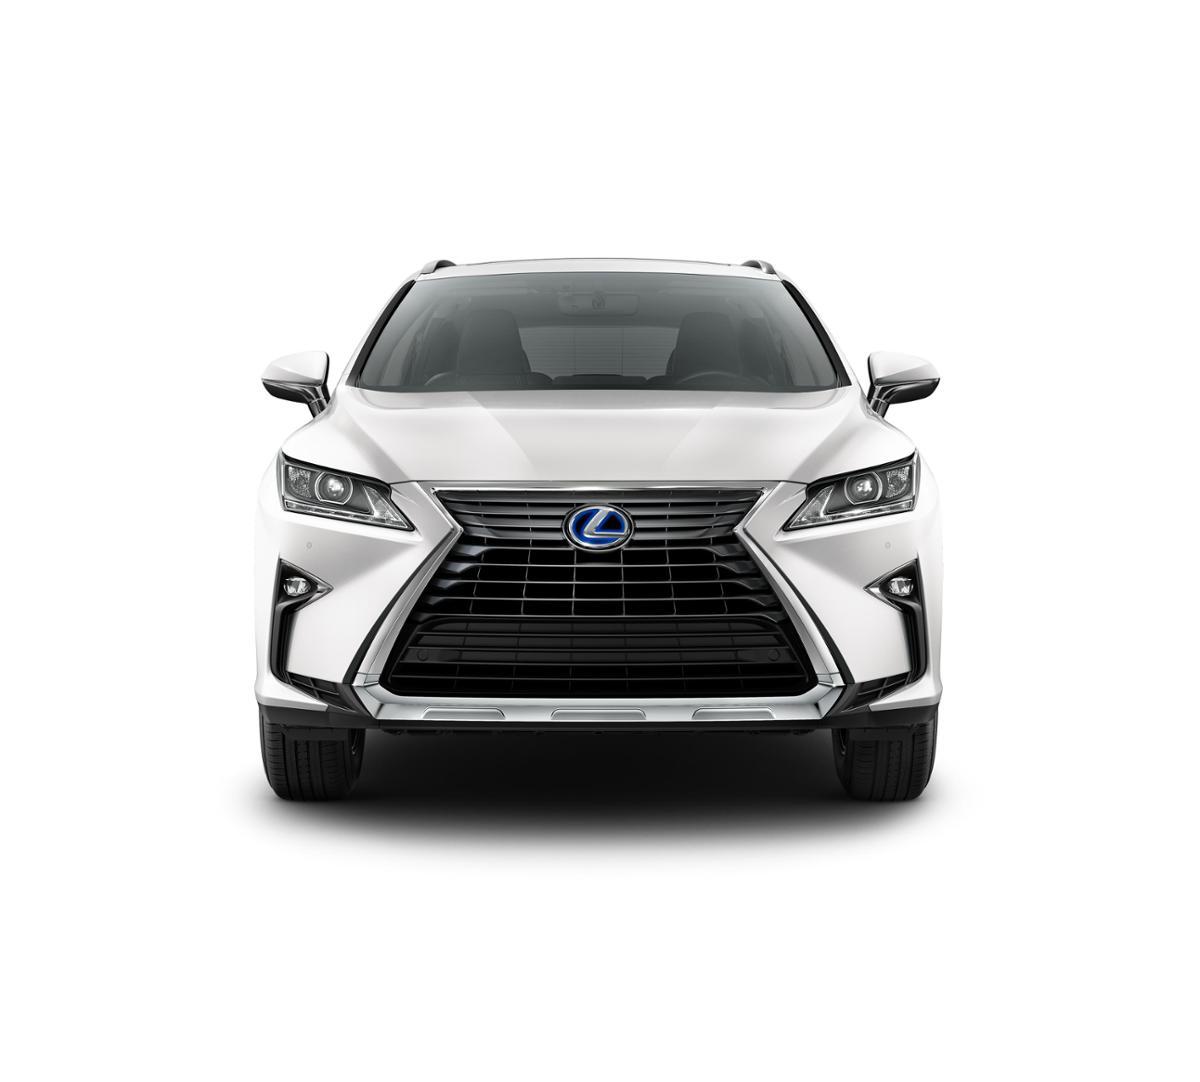 2019 Lexus Rx Hybrid: 2019 Lexus RX 450h For Sale In Bakersfield